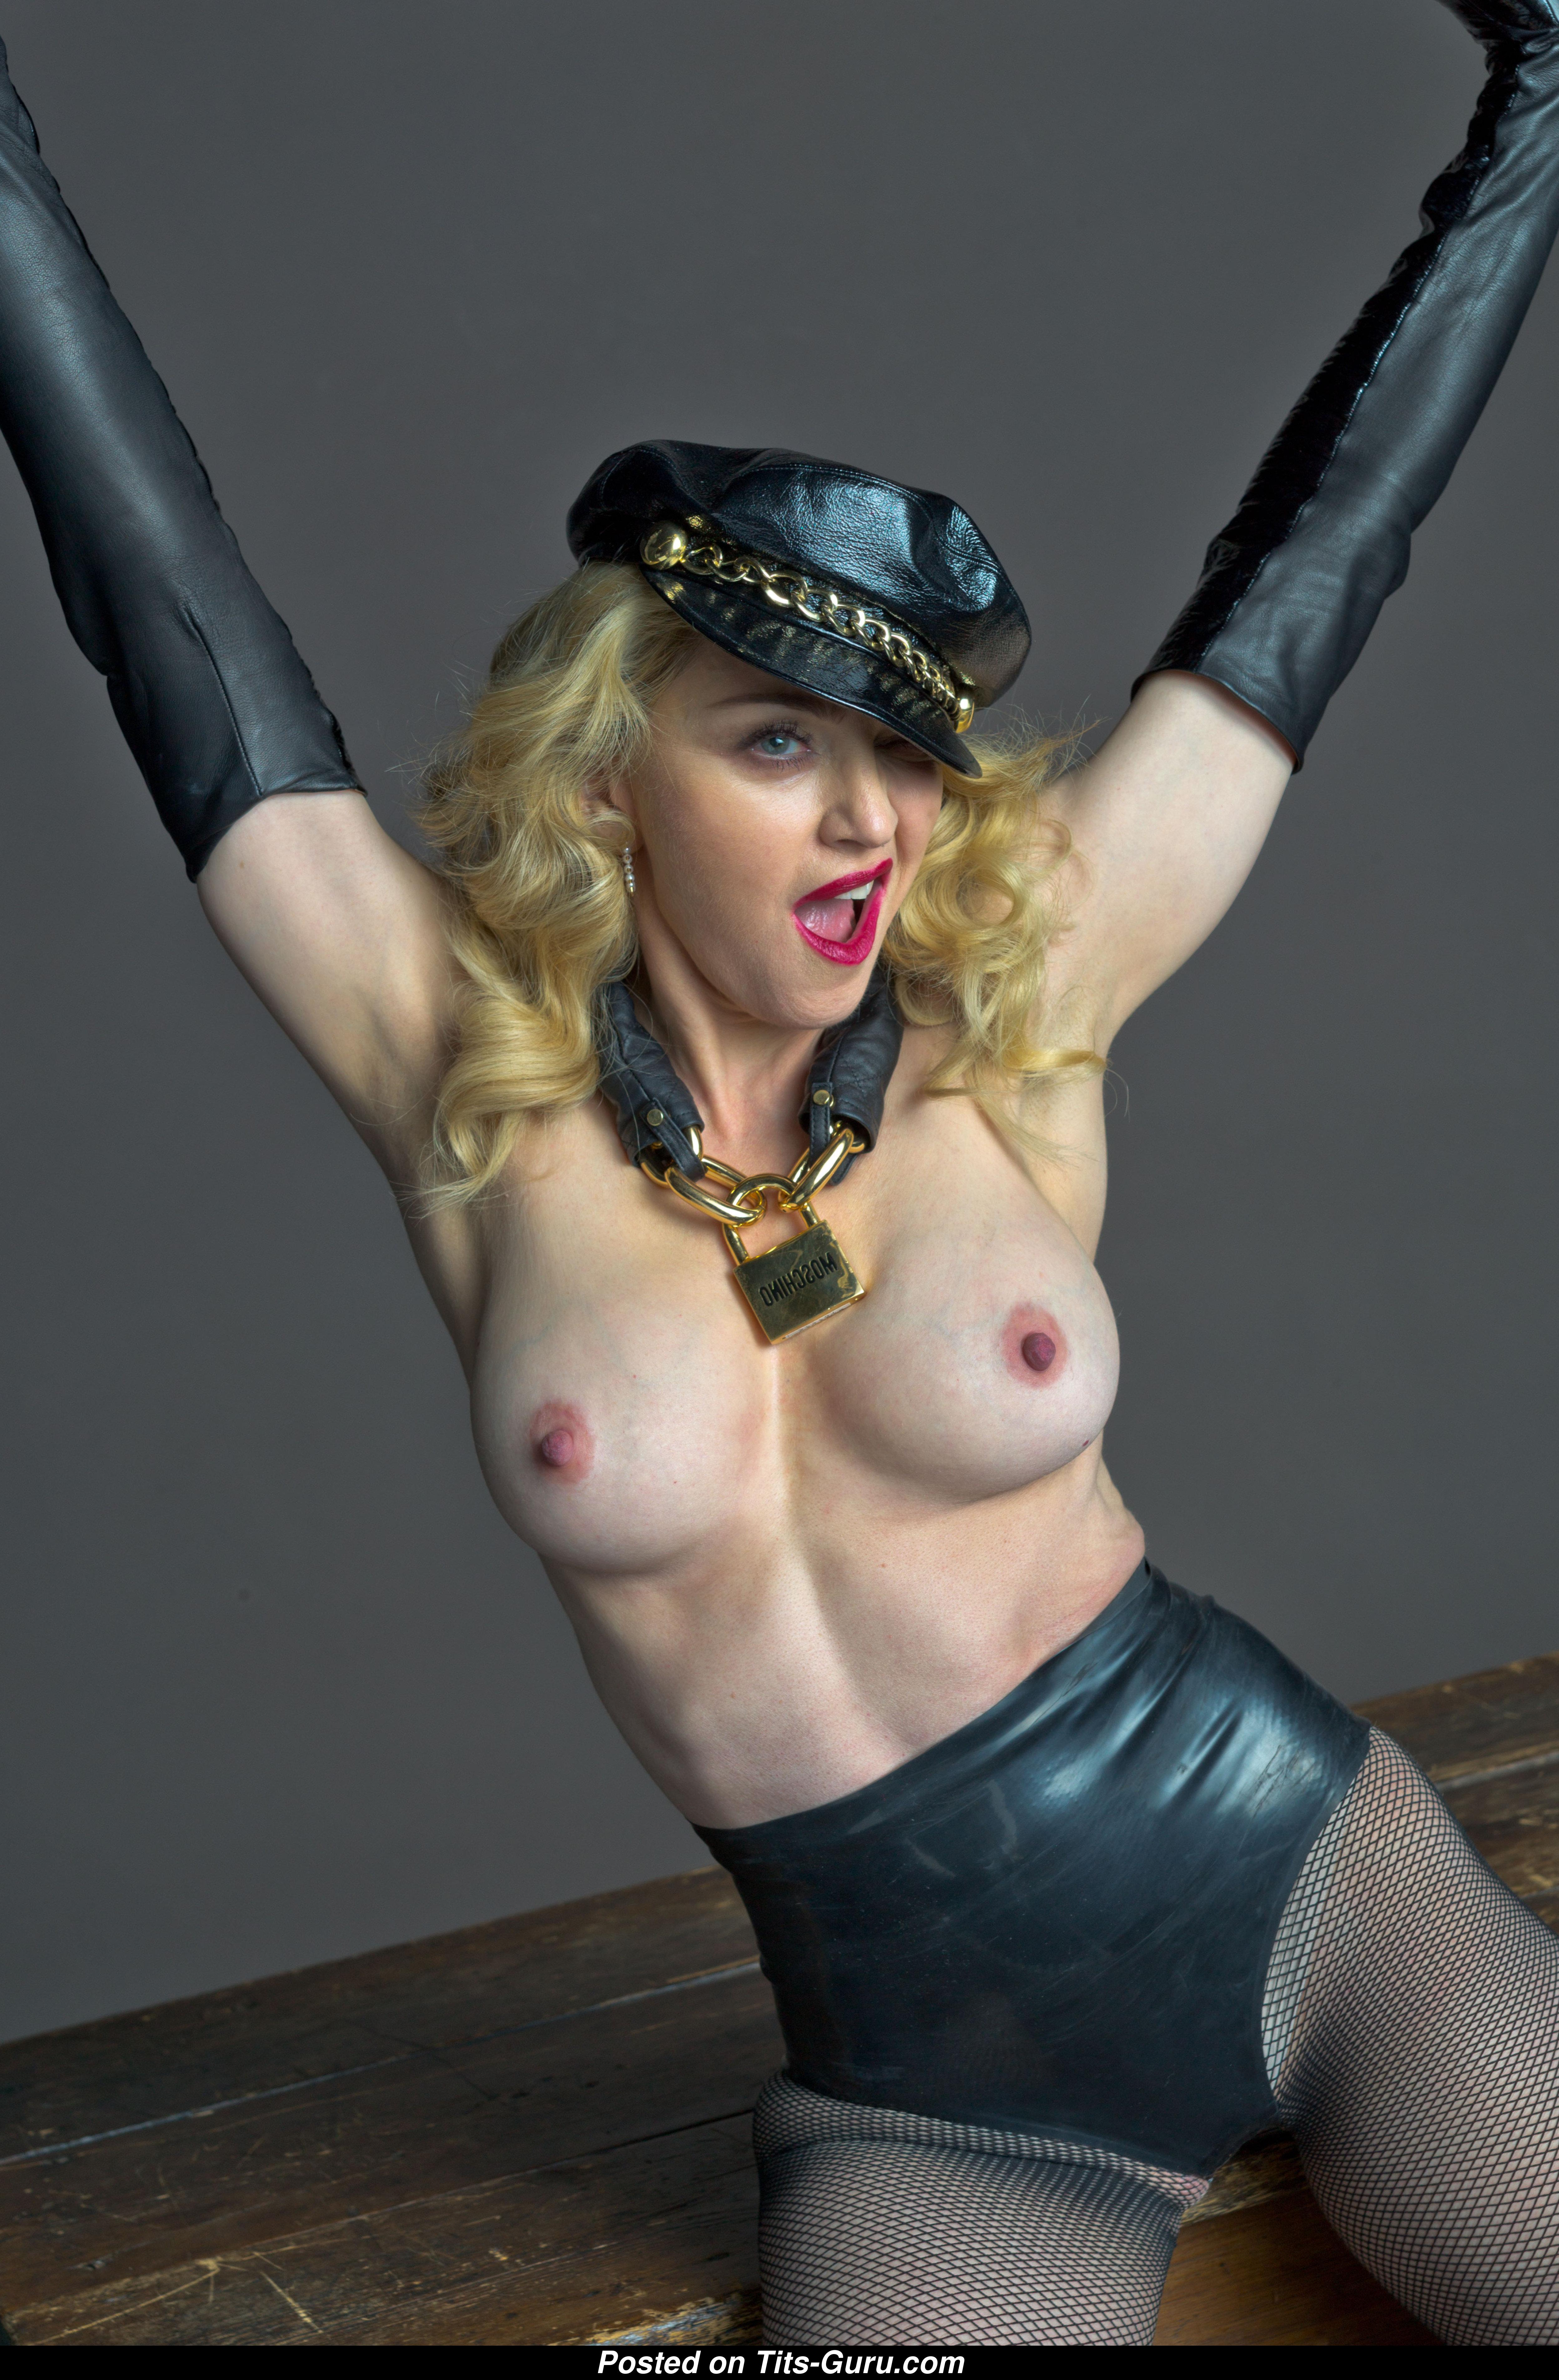 madona porn nude picture